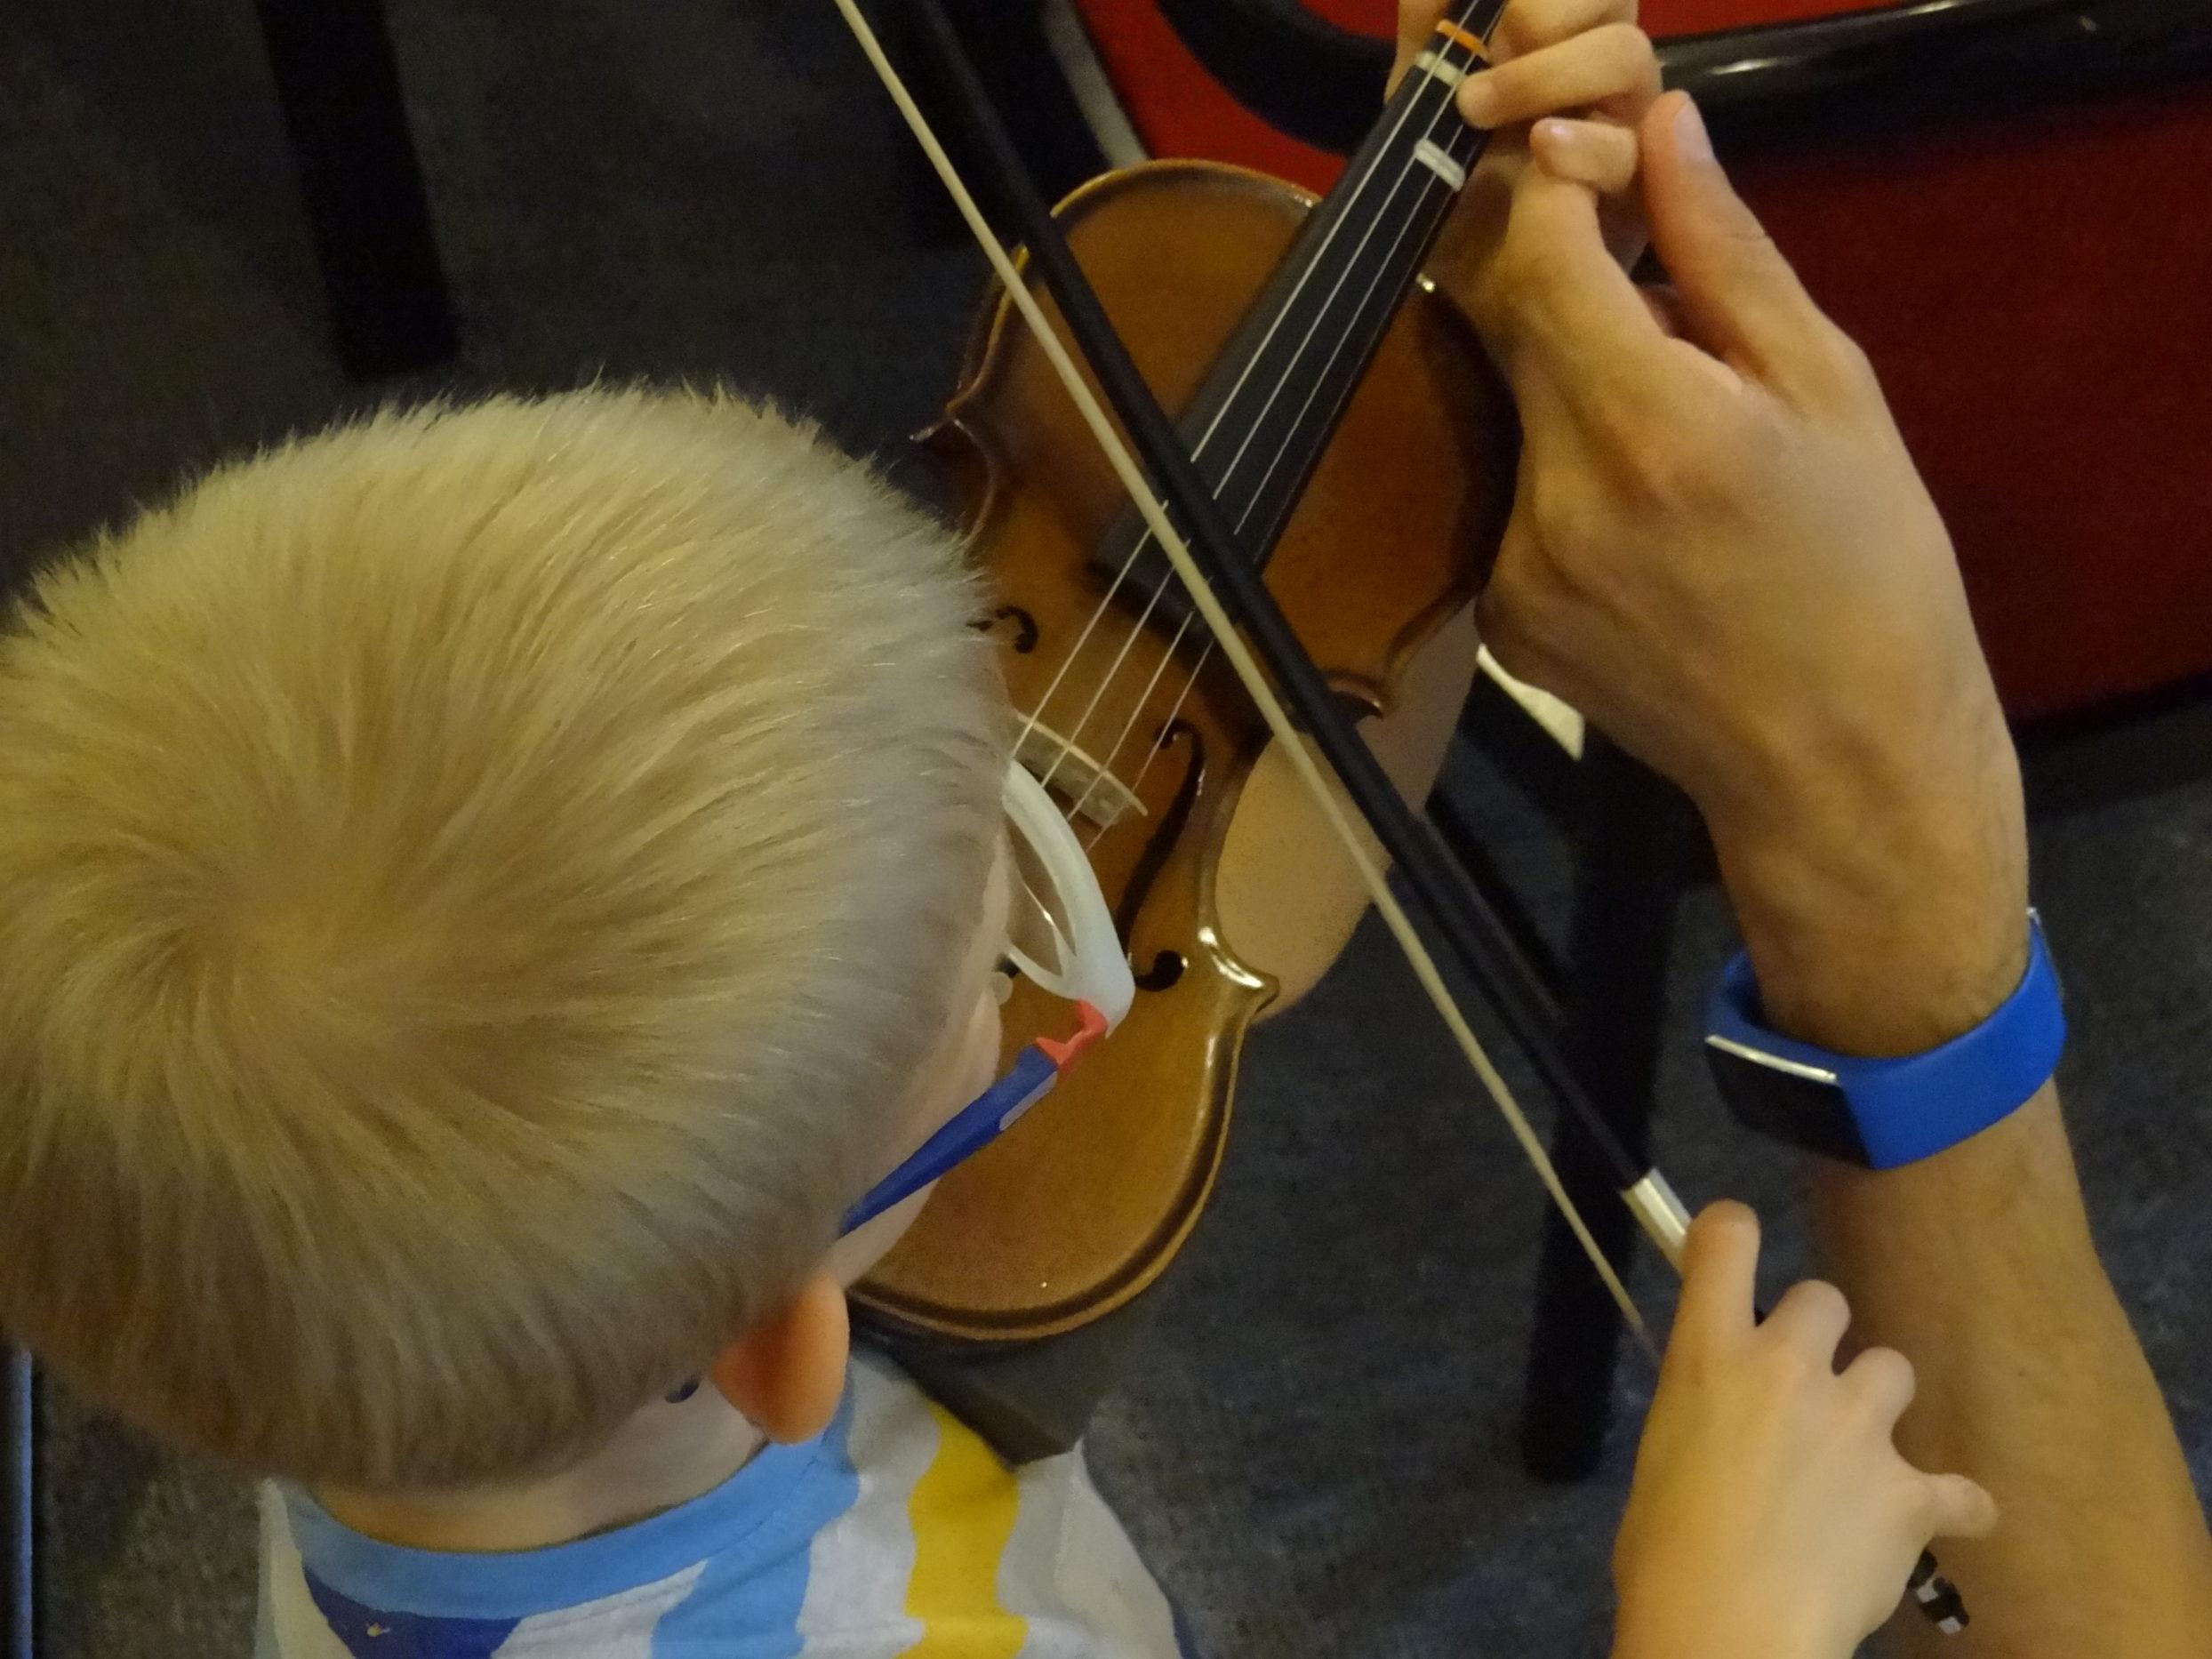 chłopiec ćwiczy grę na skrzypcach